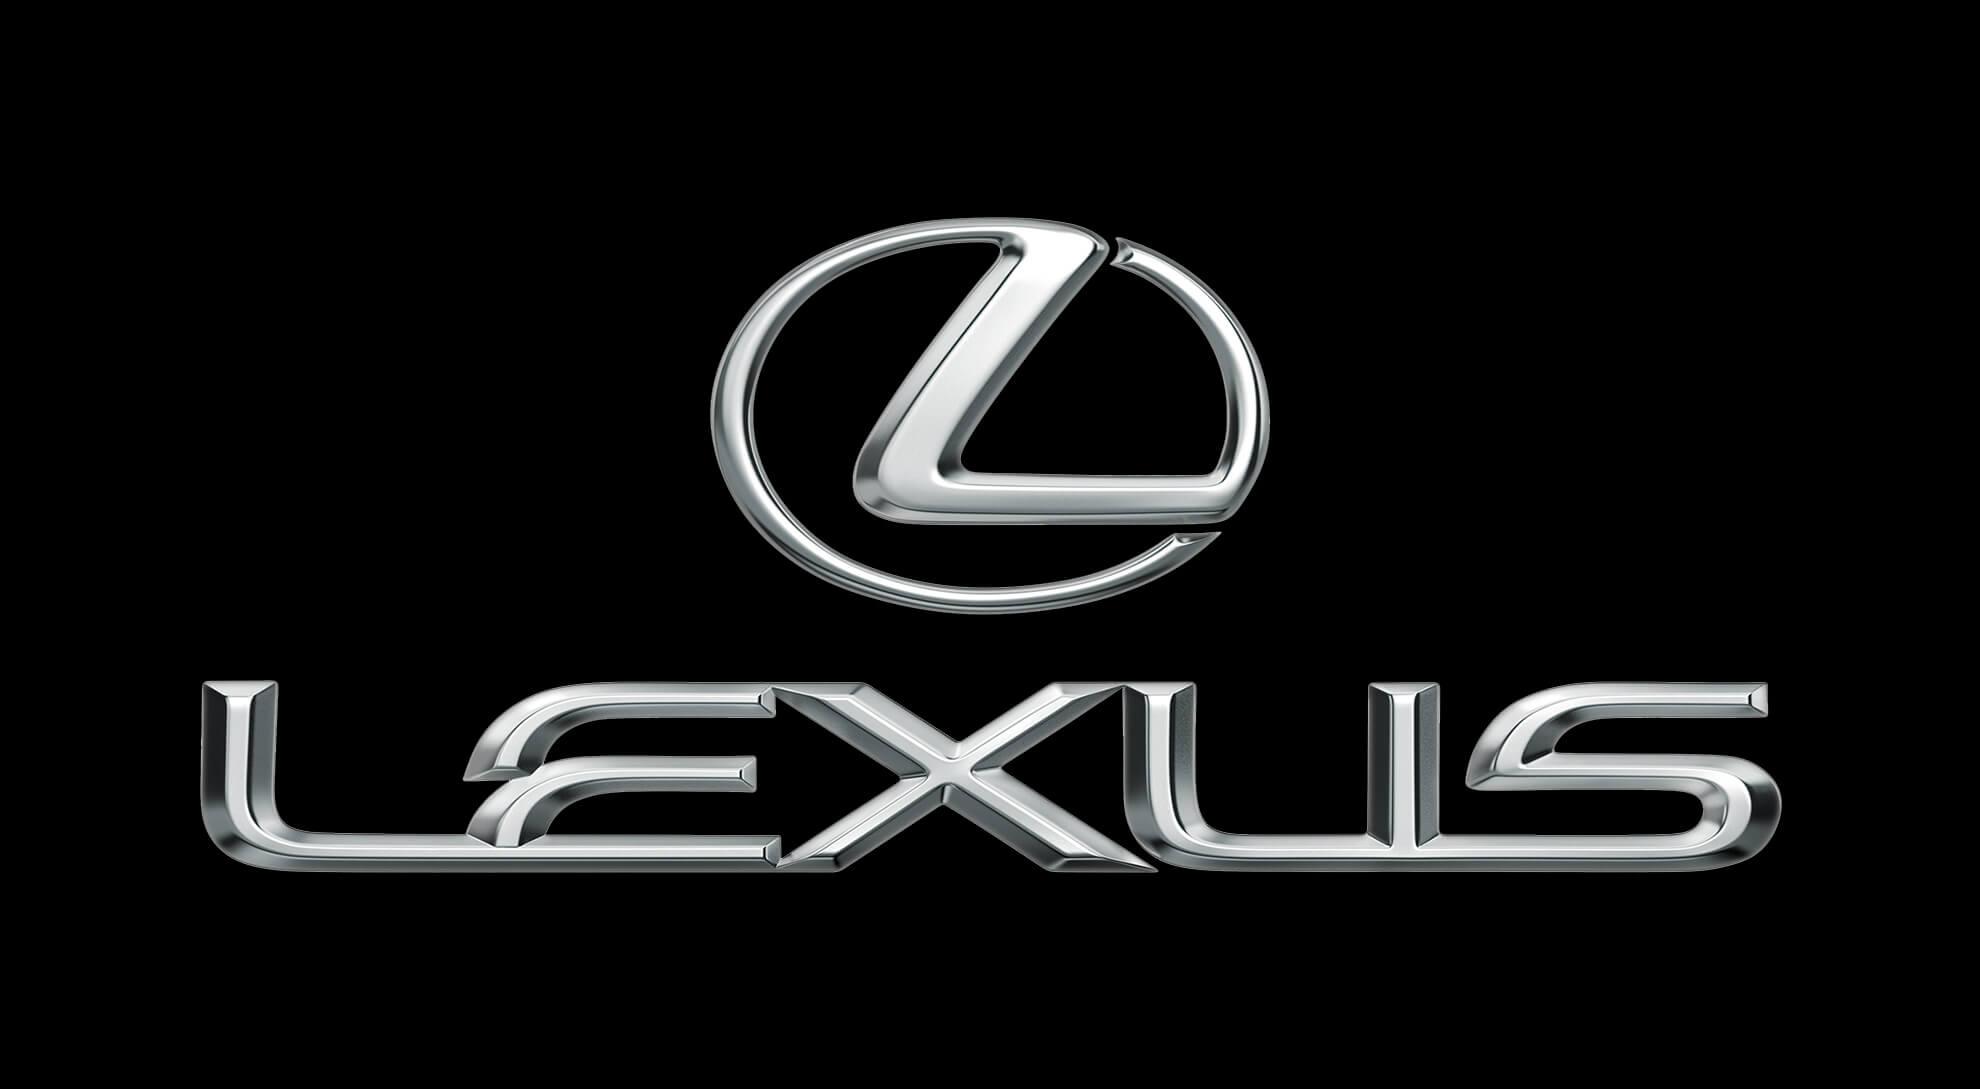 ustanovka-avtosignalizacii-lexus